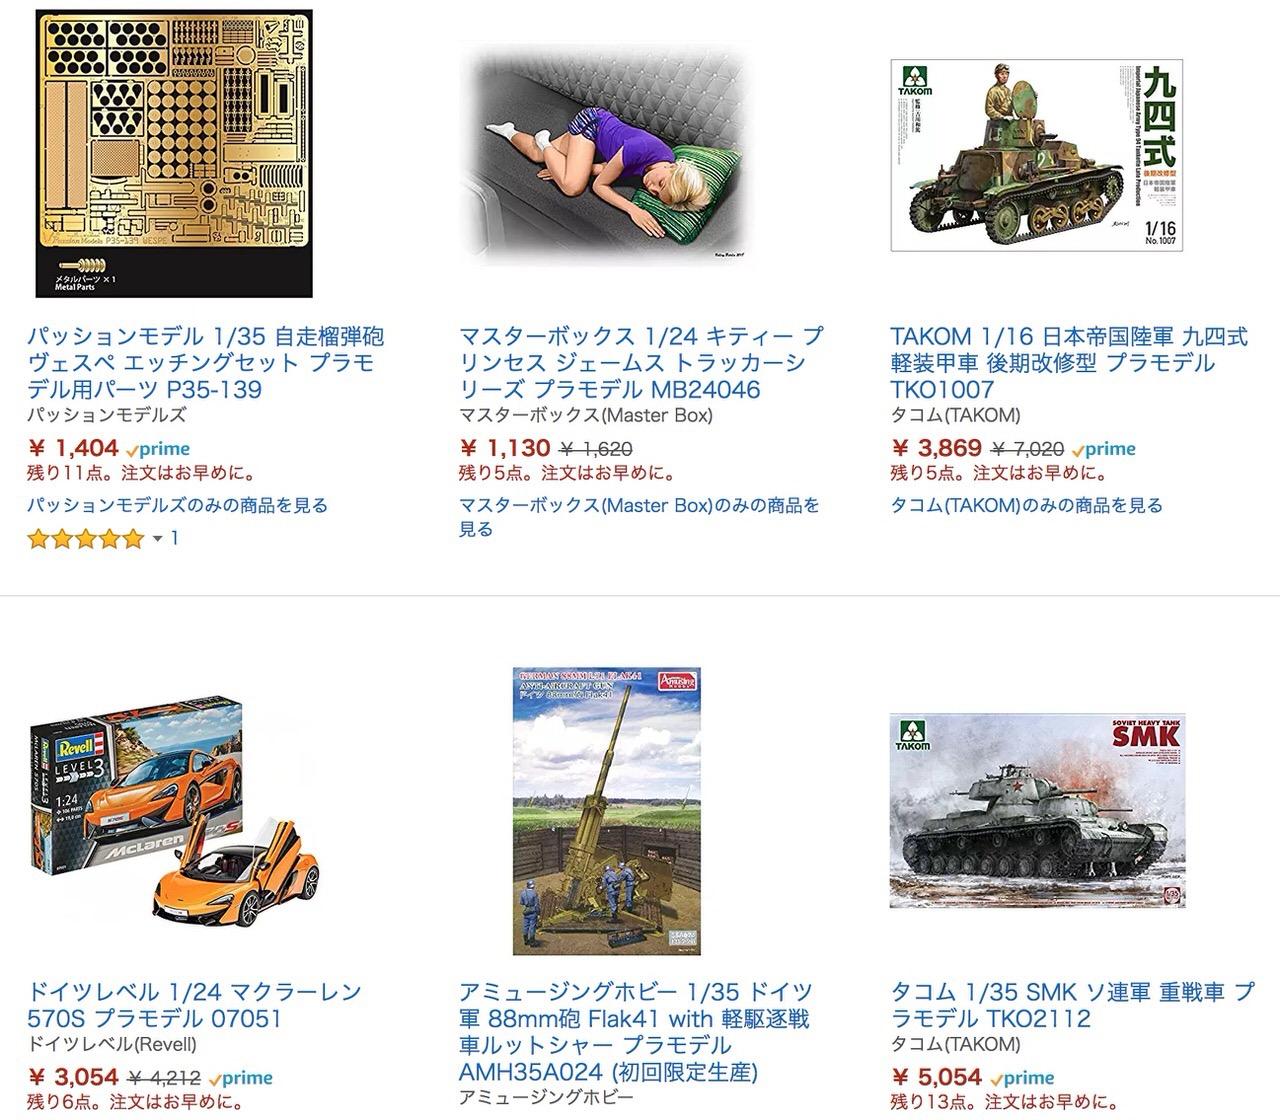 Amazon「輸入プラモデルストア」で500円割引クーポンを配布中